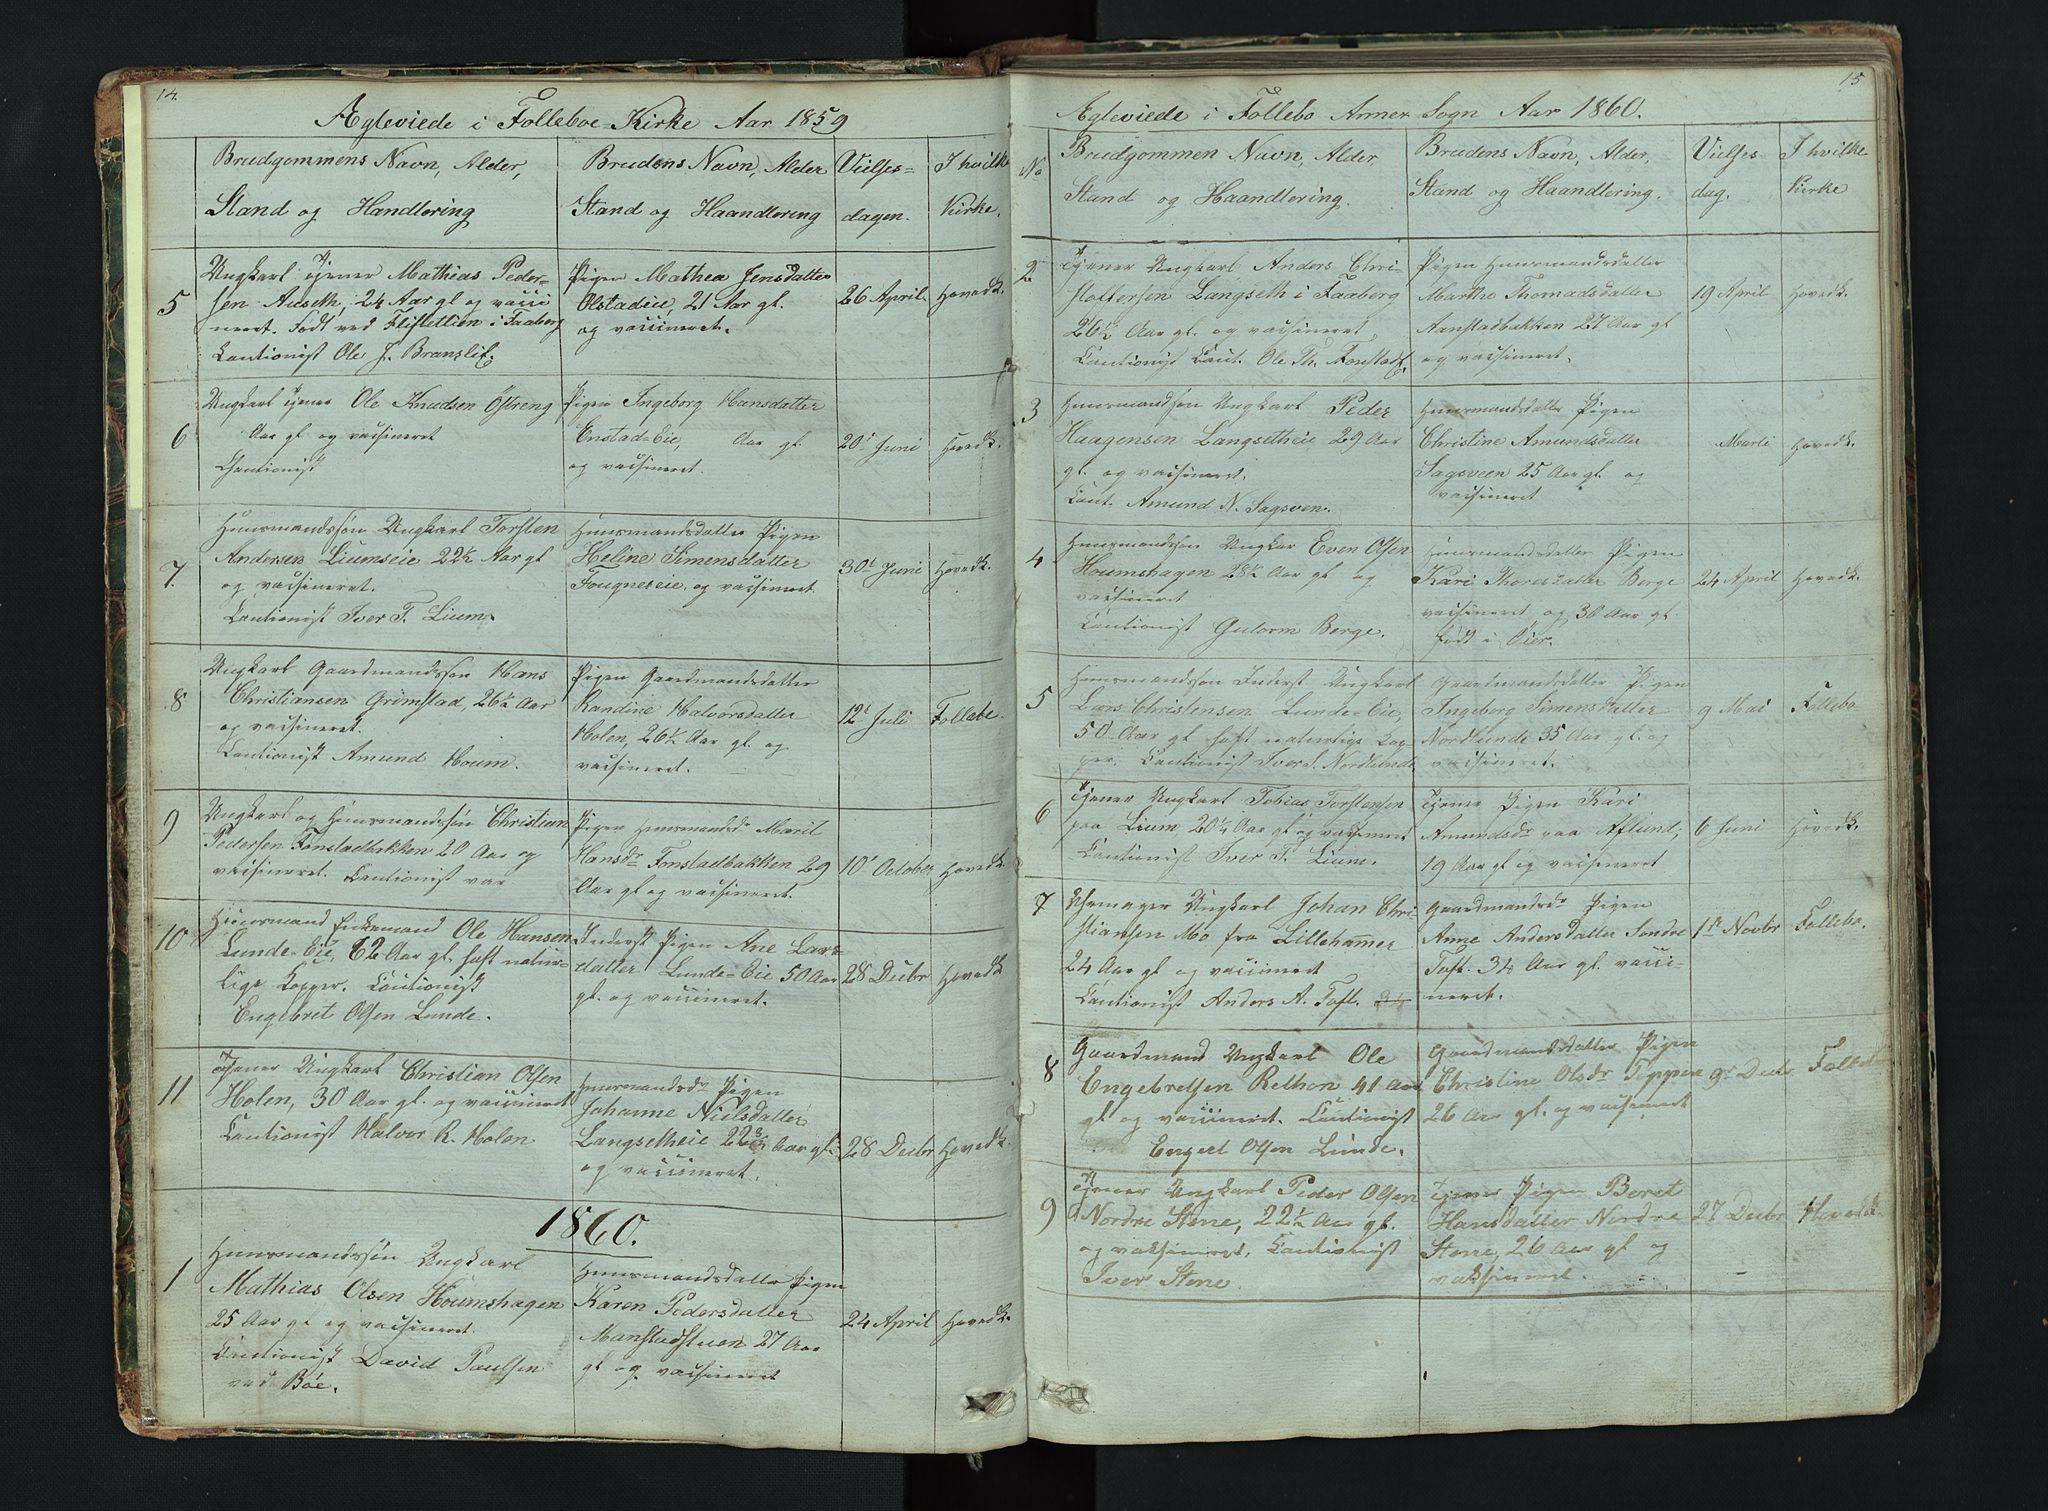 SAH, Gausdal prestekontor, Klokkerbok nr. 6, 1846-1893, s. 14-15